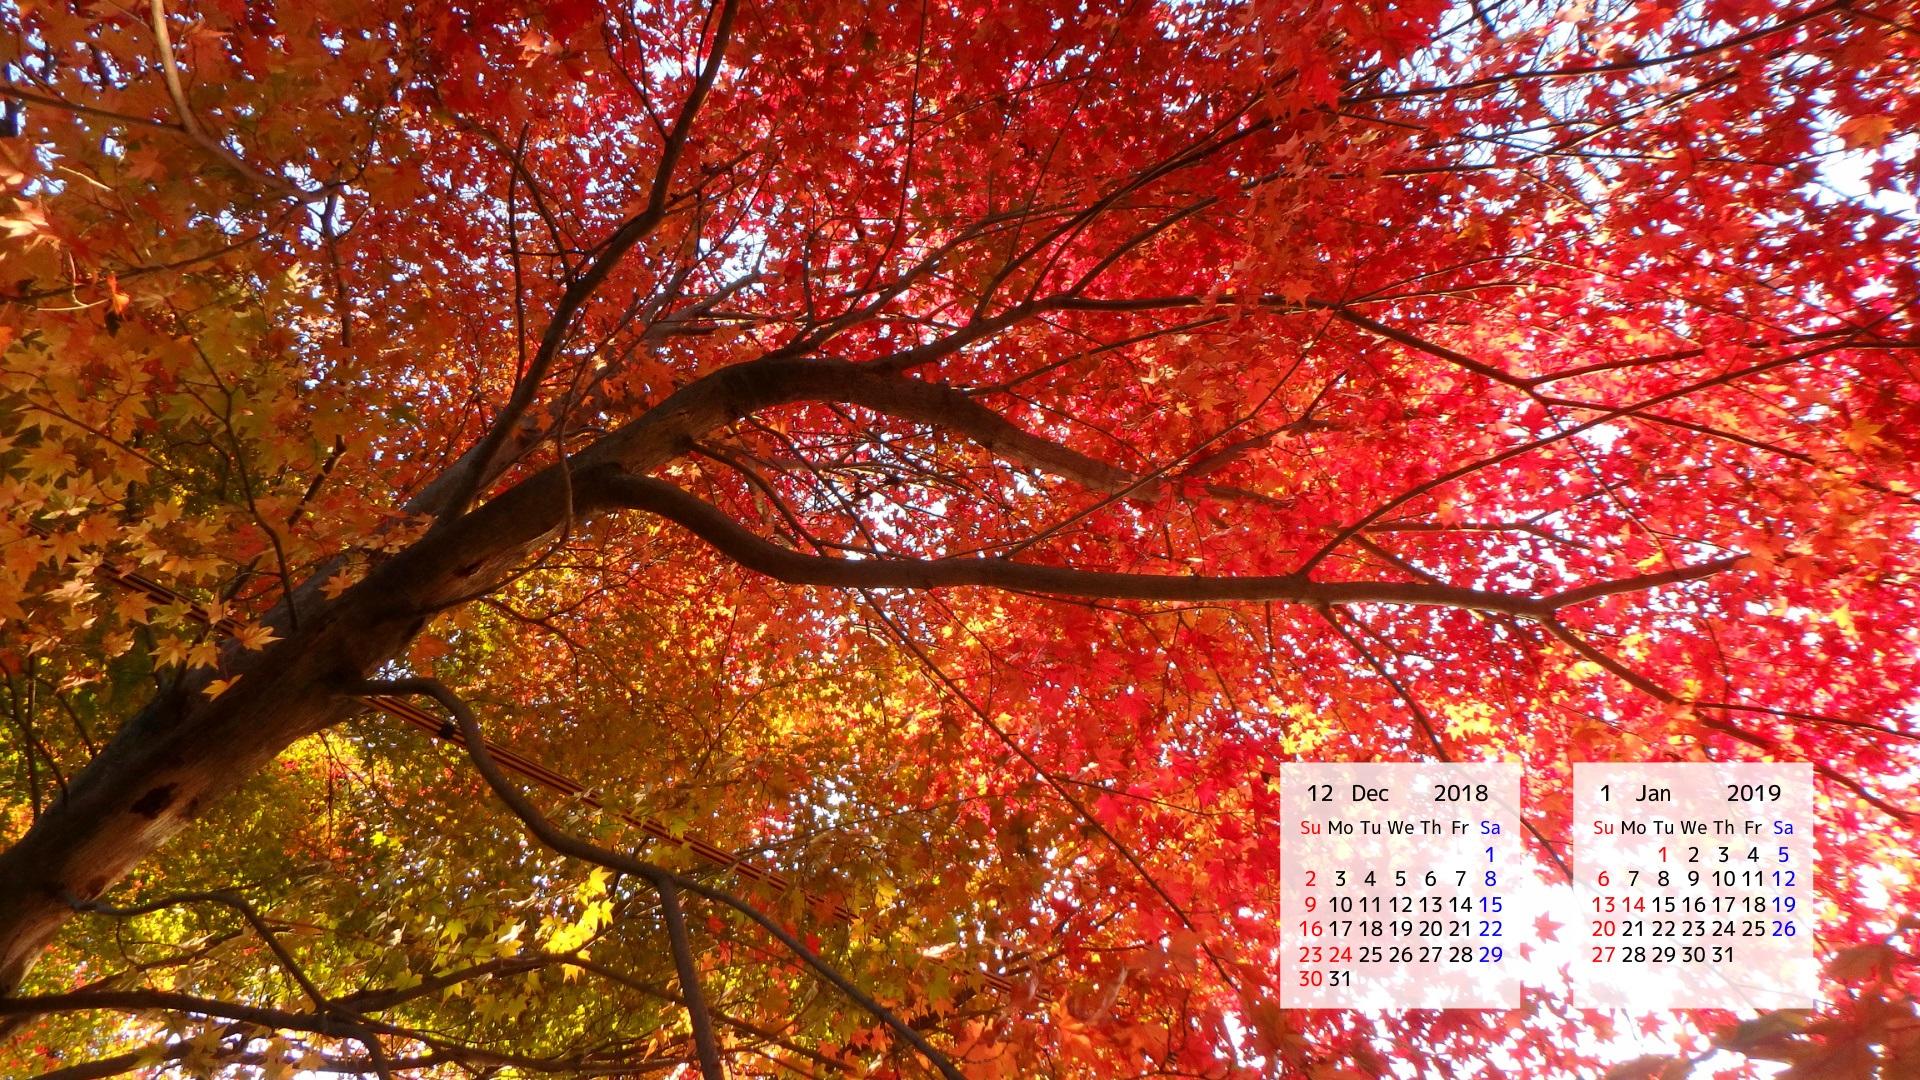 18年12月カレンダー壁紙 カレンダー壁紙館 昴 無料ワイド